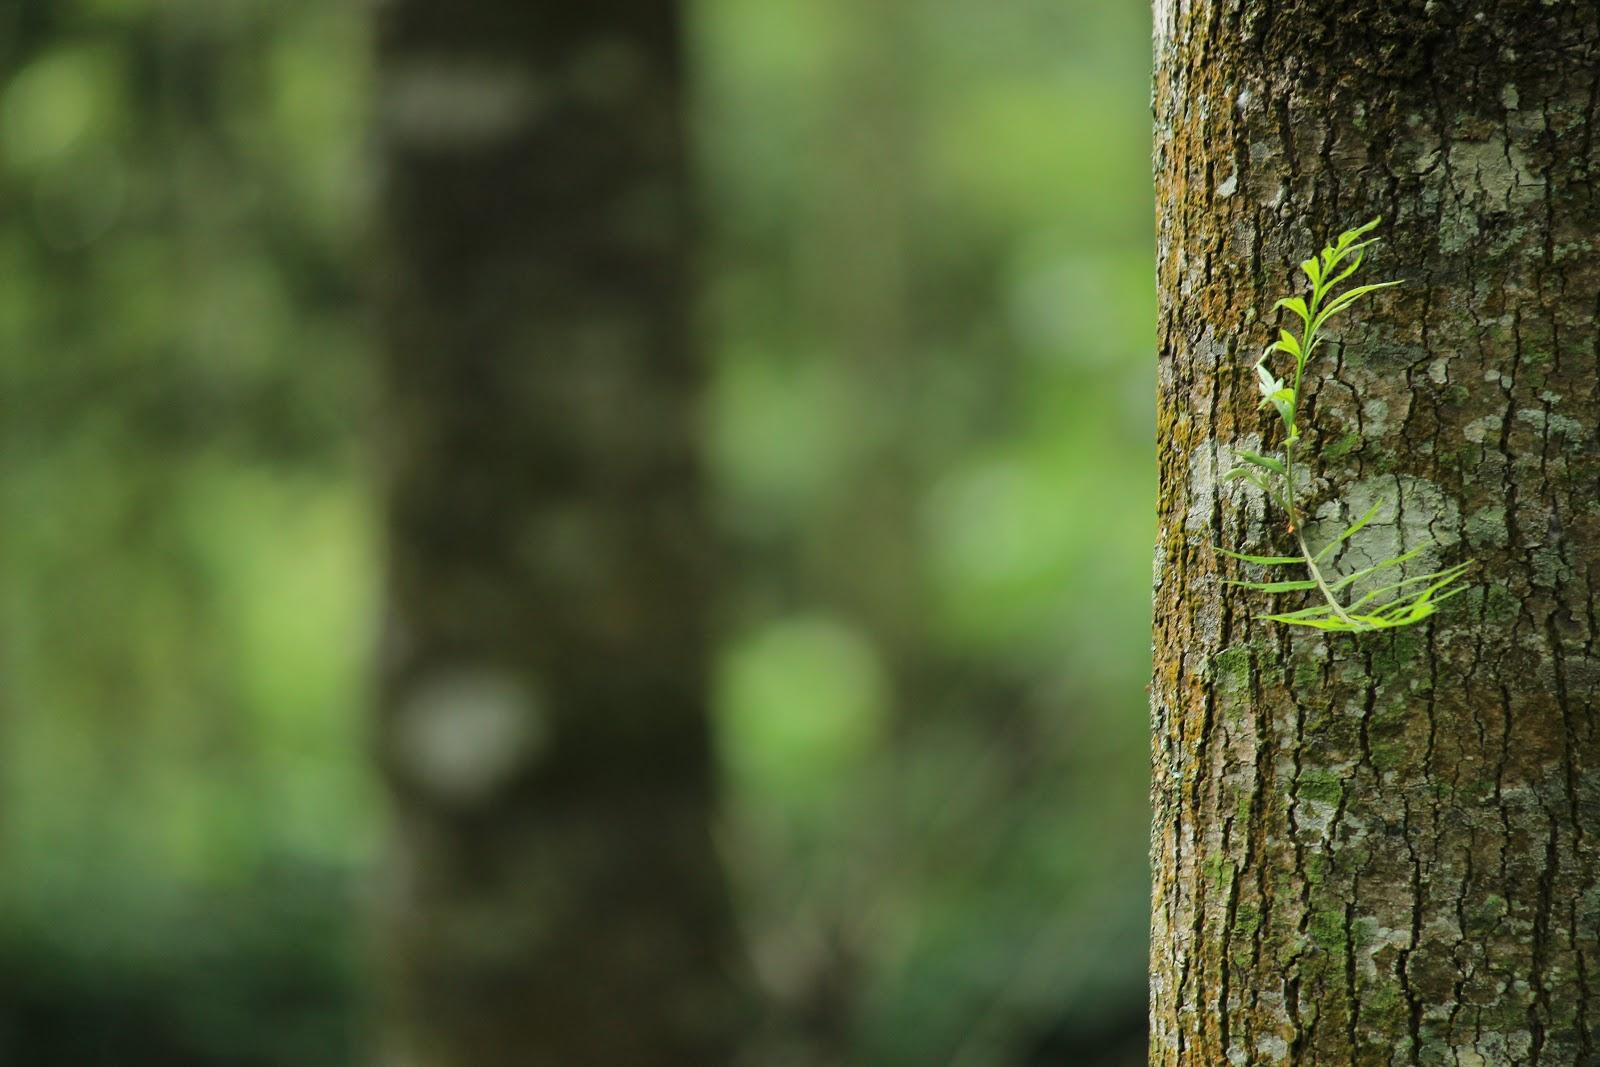 גזע עץ ירוק . עץ התות של יוסי בנאי